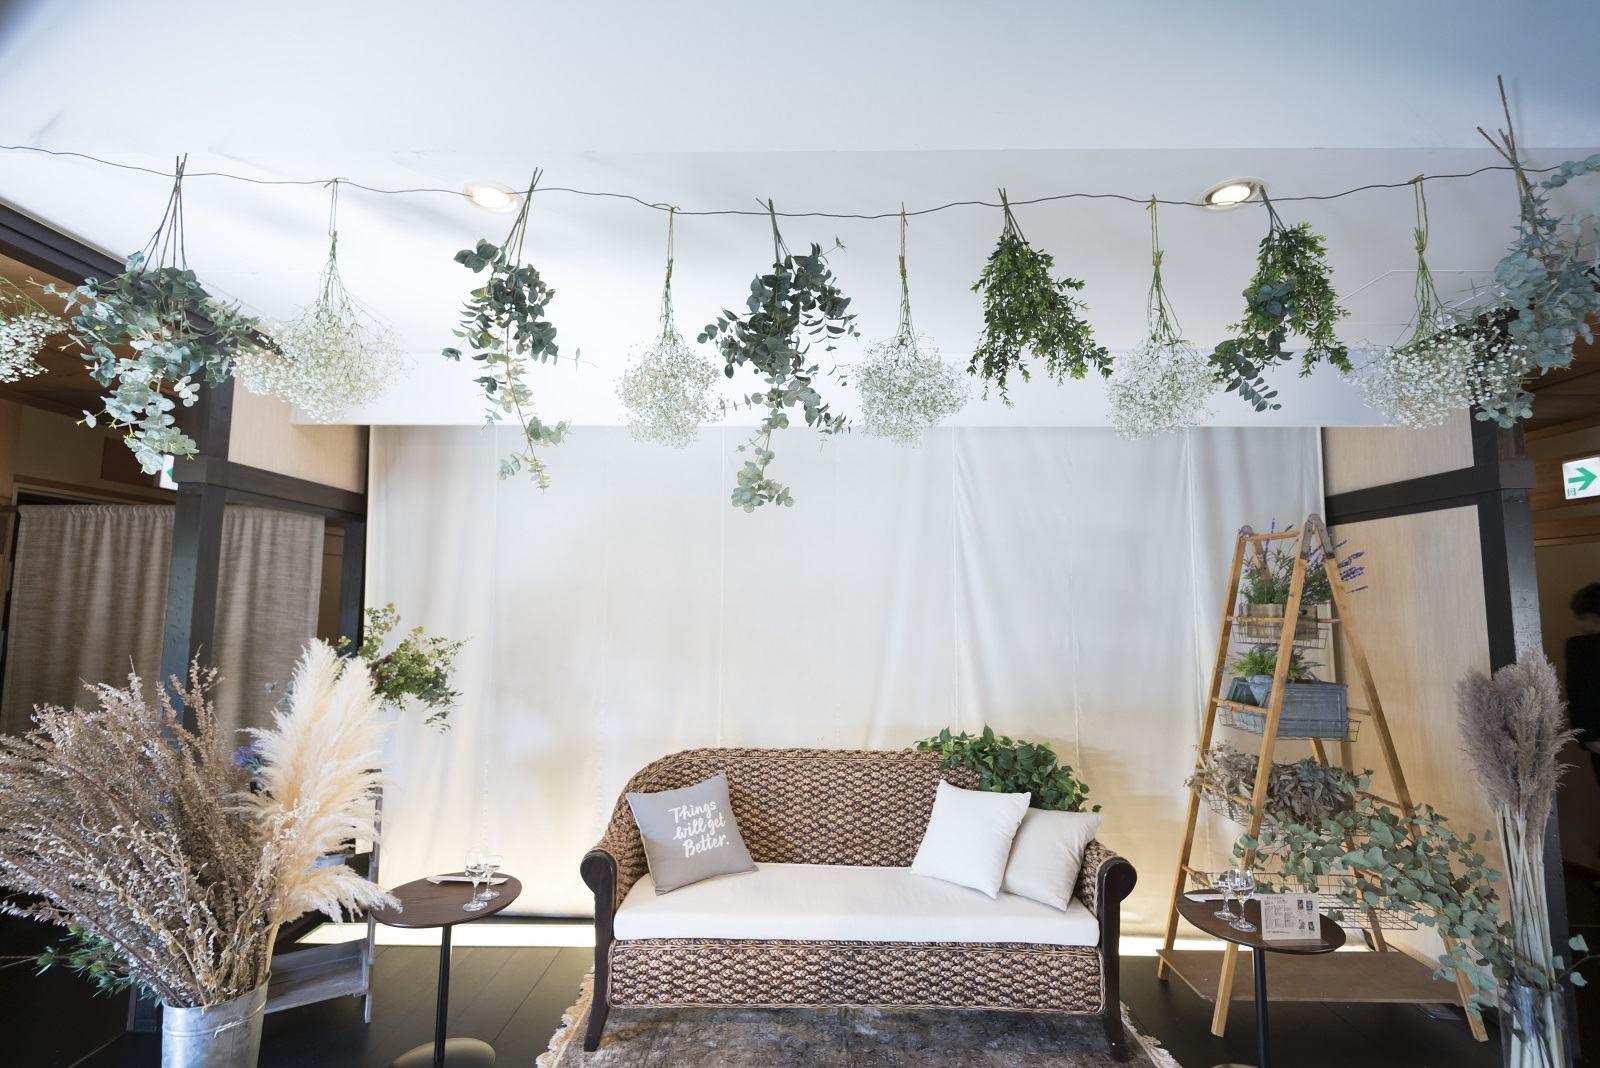 香川県高松市の小さな結婚式相談カウンターマリマリコンシェルジュのご紹介式場 弓絃葉の披露宴会場をナチュラルに装飾